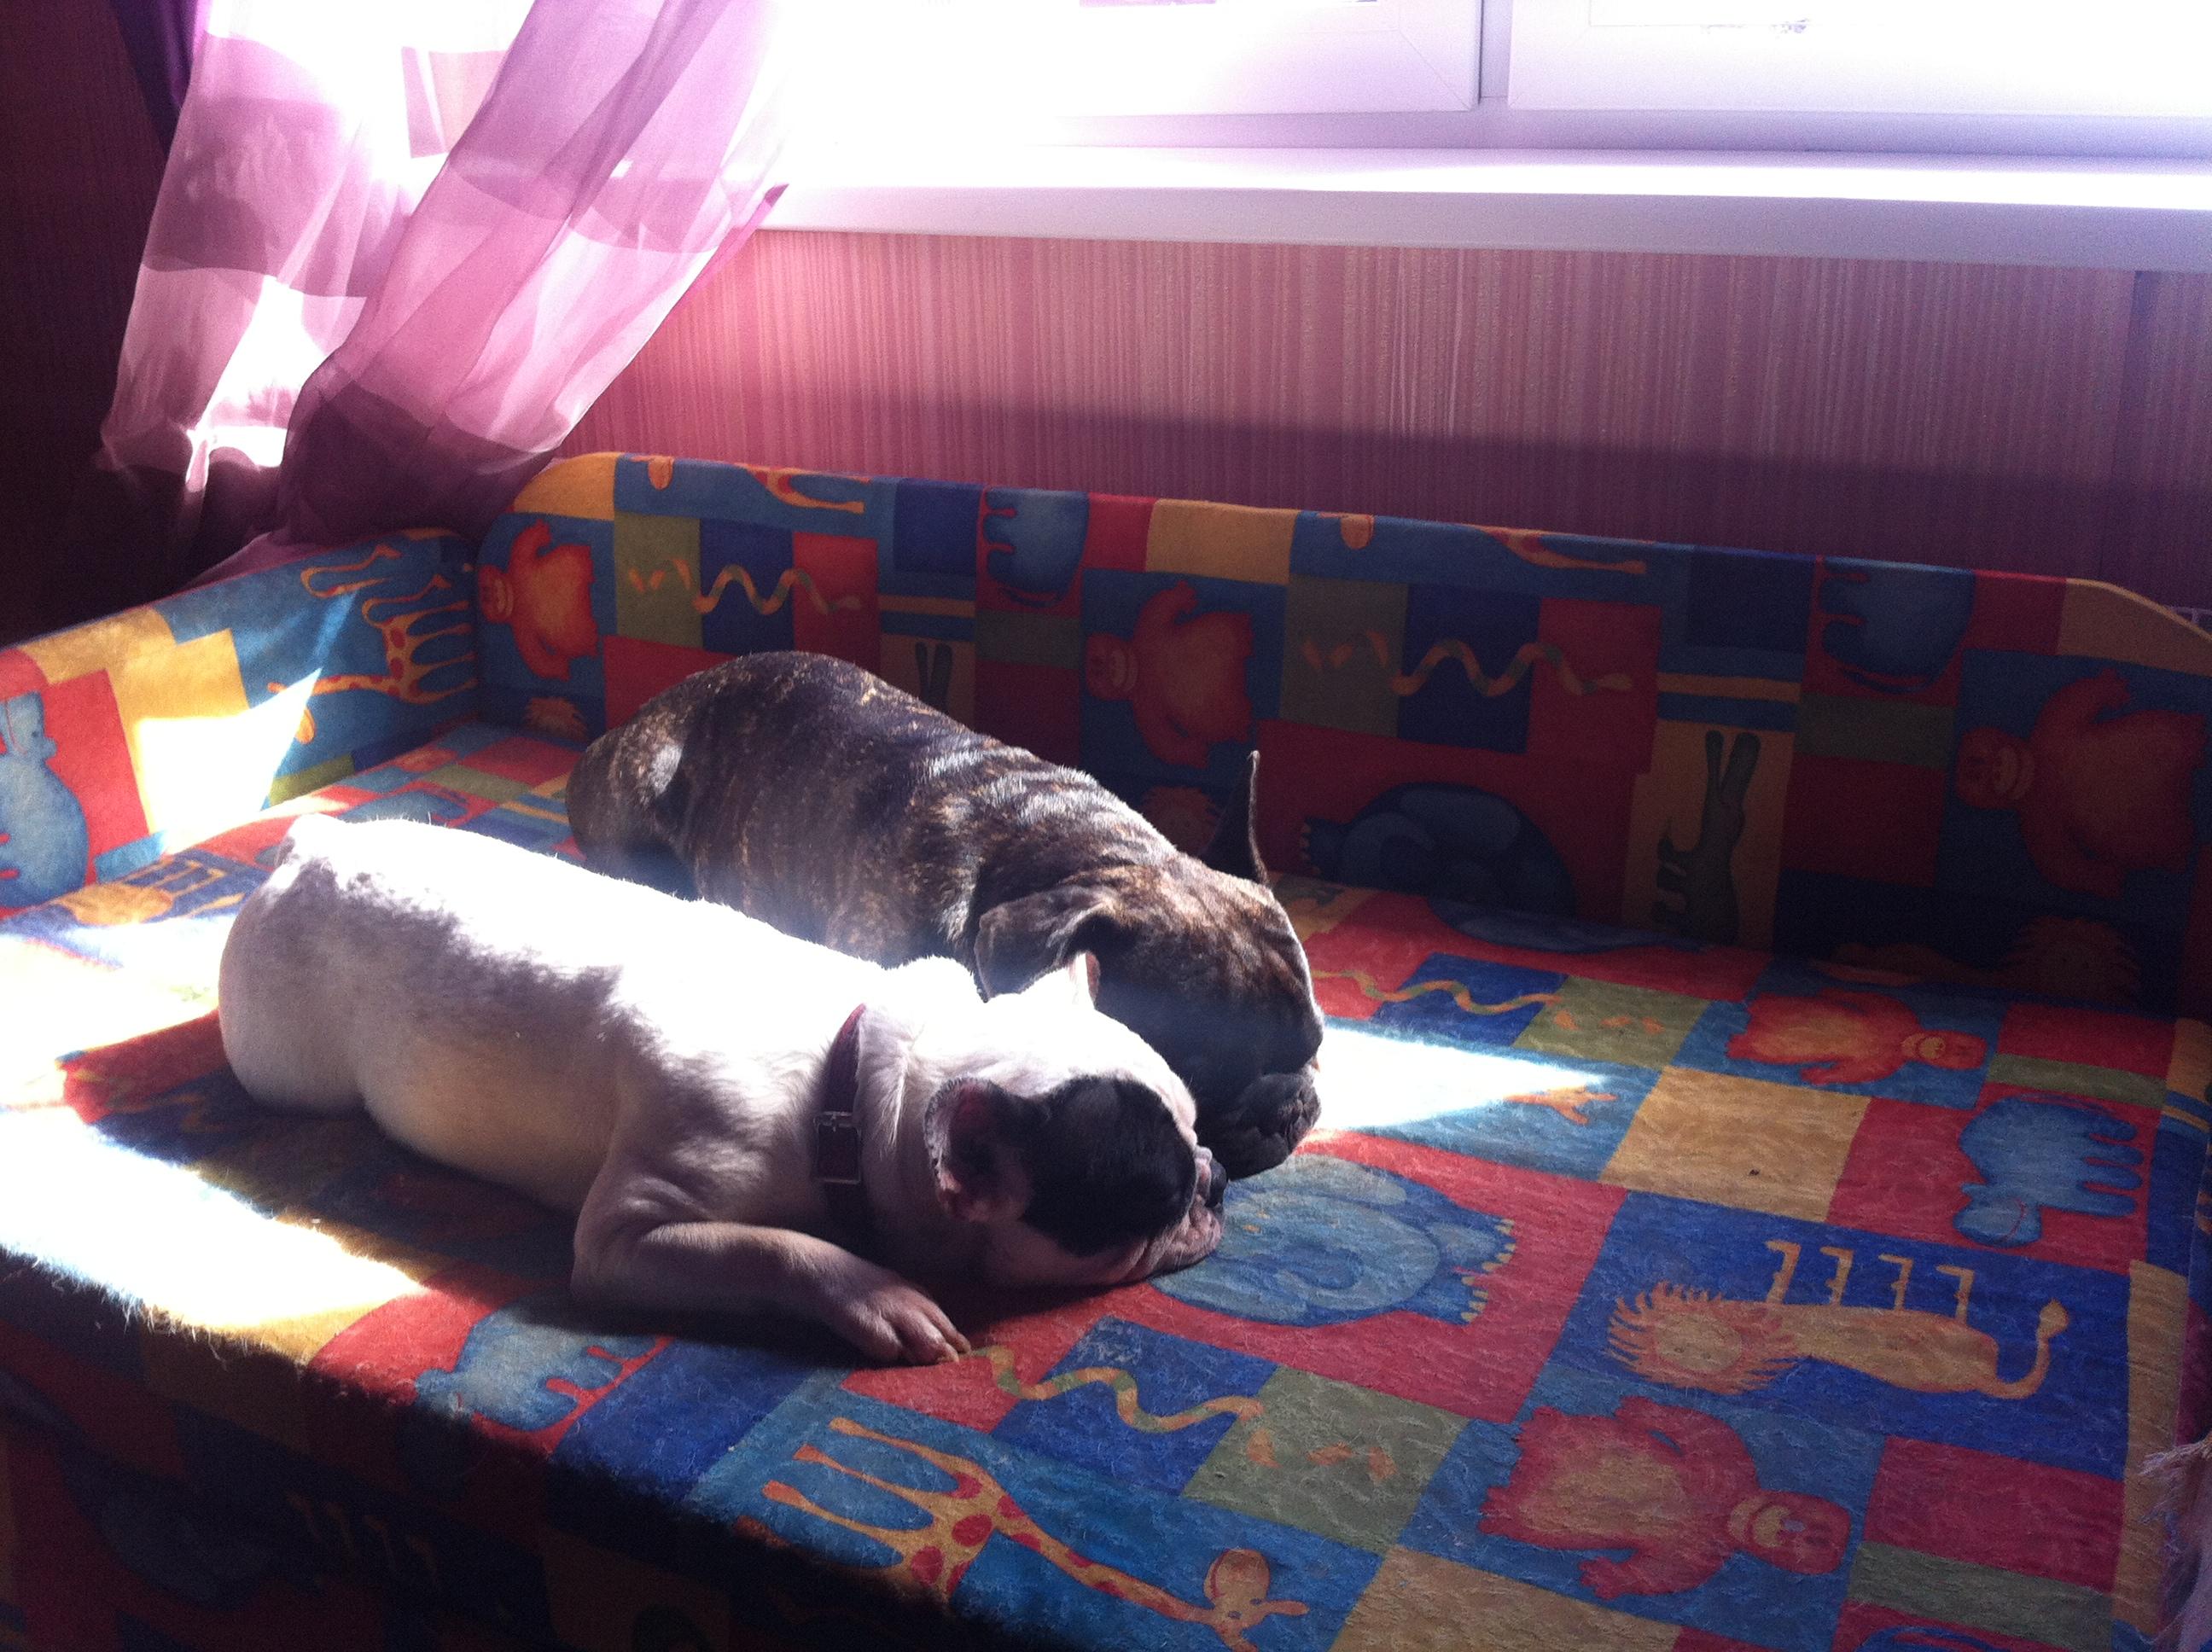 Домашние любимцы Кошки и Собаки 0305949001404881260